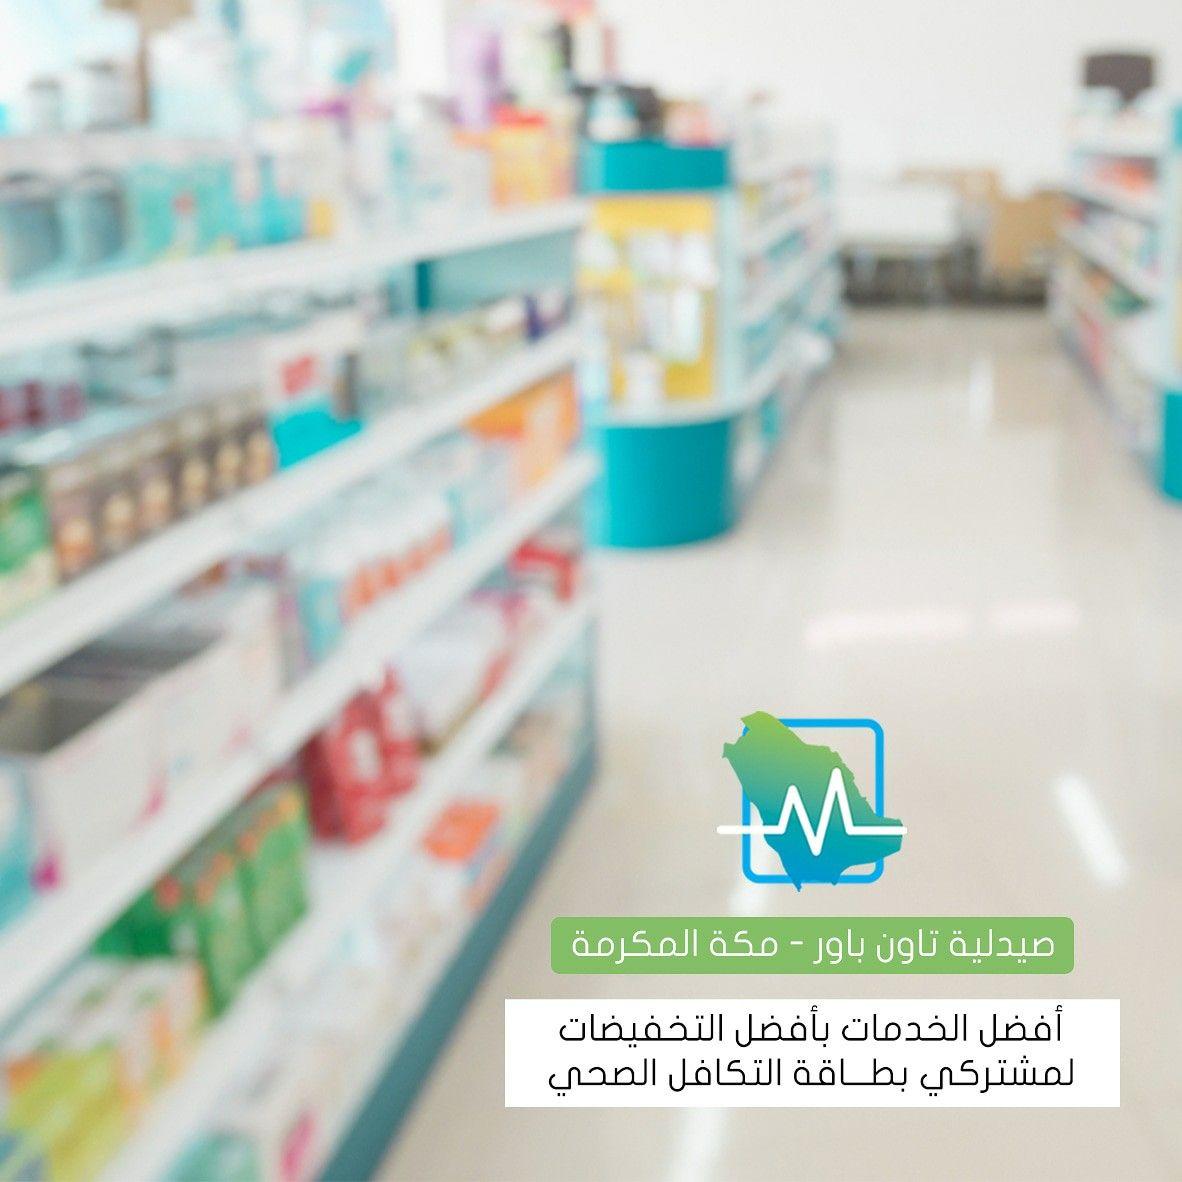 خصومات بقيمة 5 ستحصل عليها على العديد من المنتجات التي تحتاجونها في صيدلية تاون باور في مكة المكرمة عند ابرازك بطاقة التكا Health Insurance Health Insurance